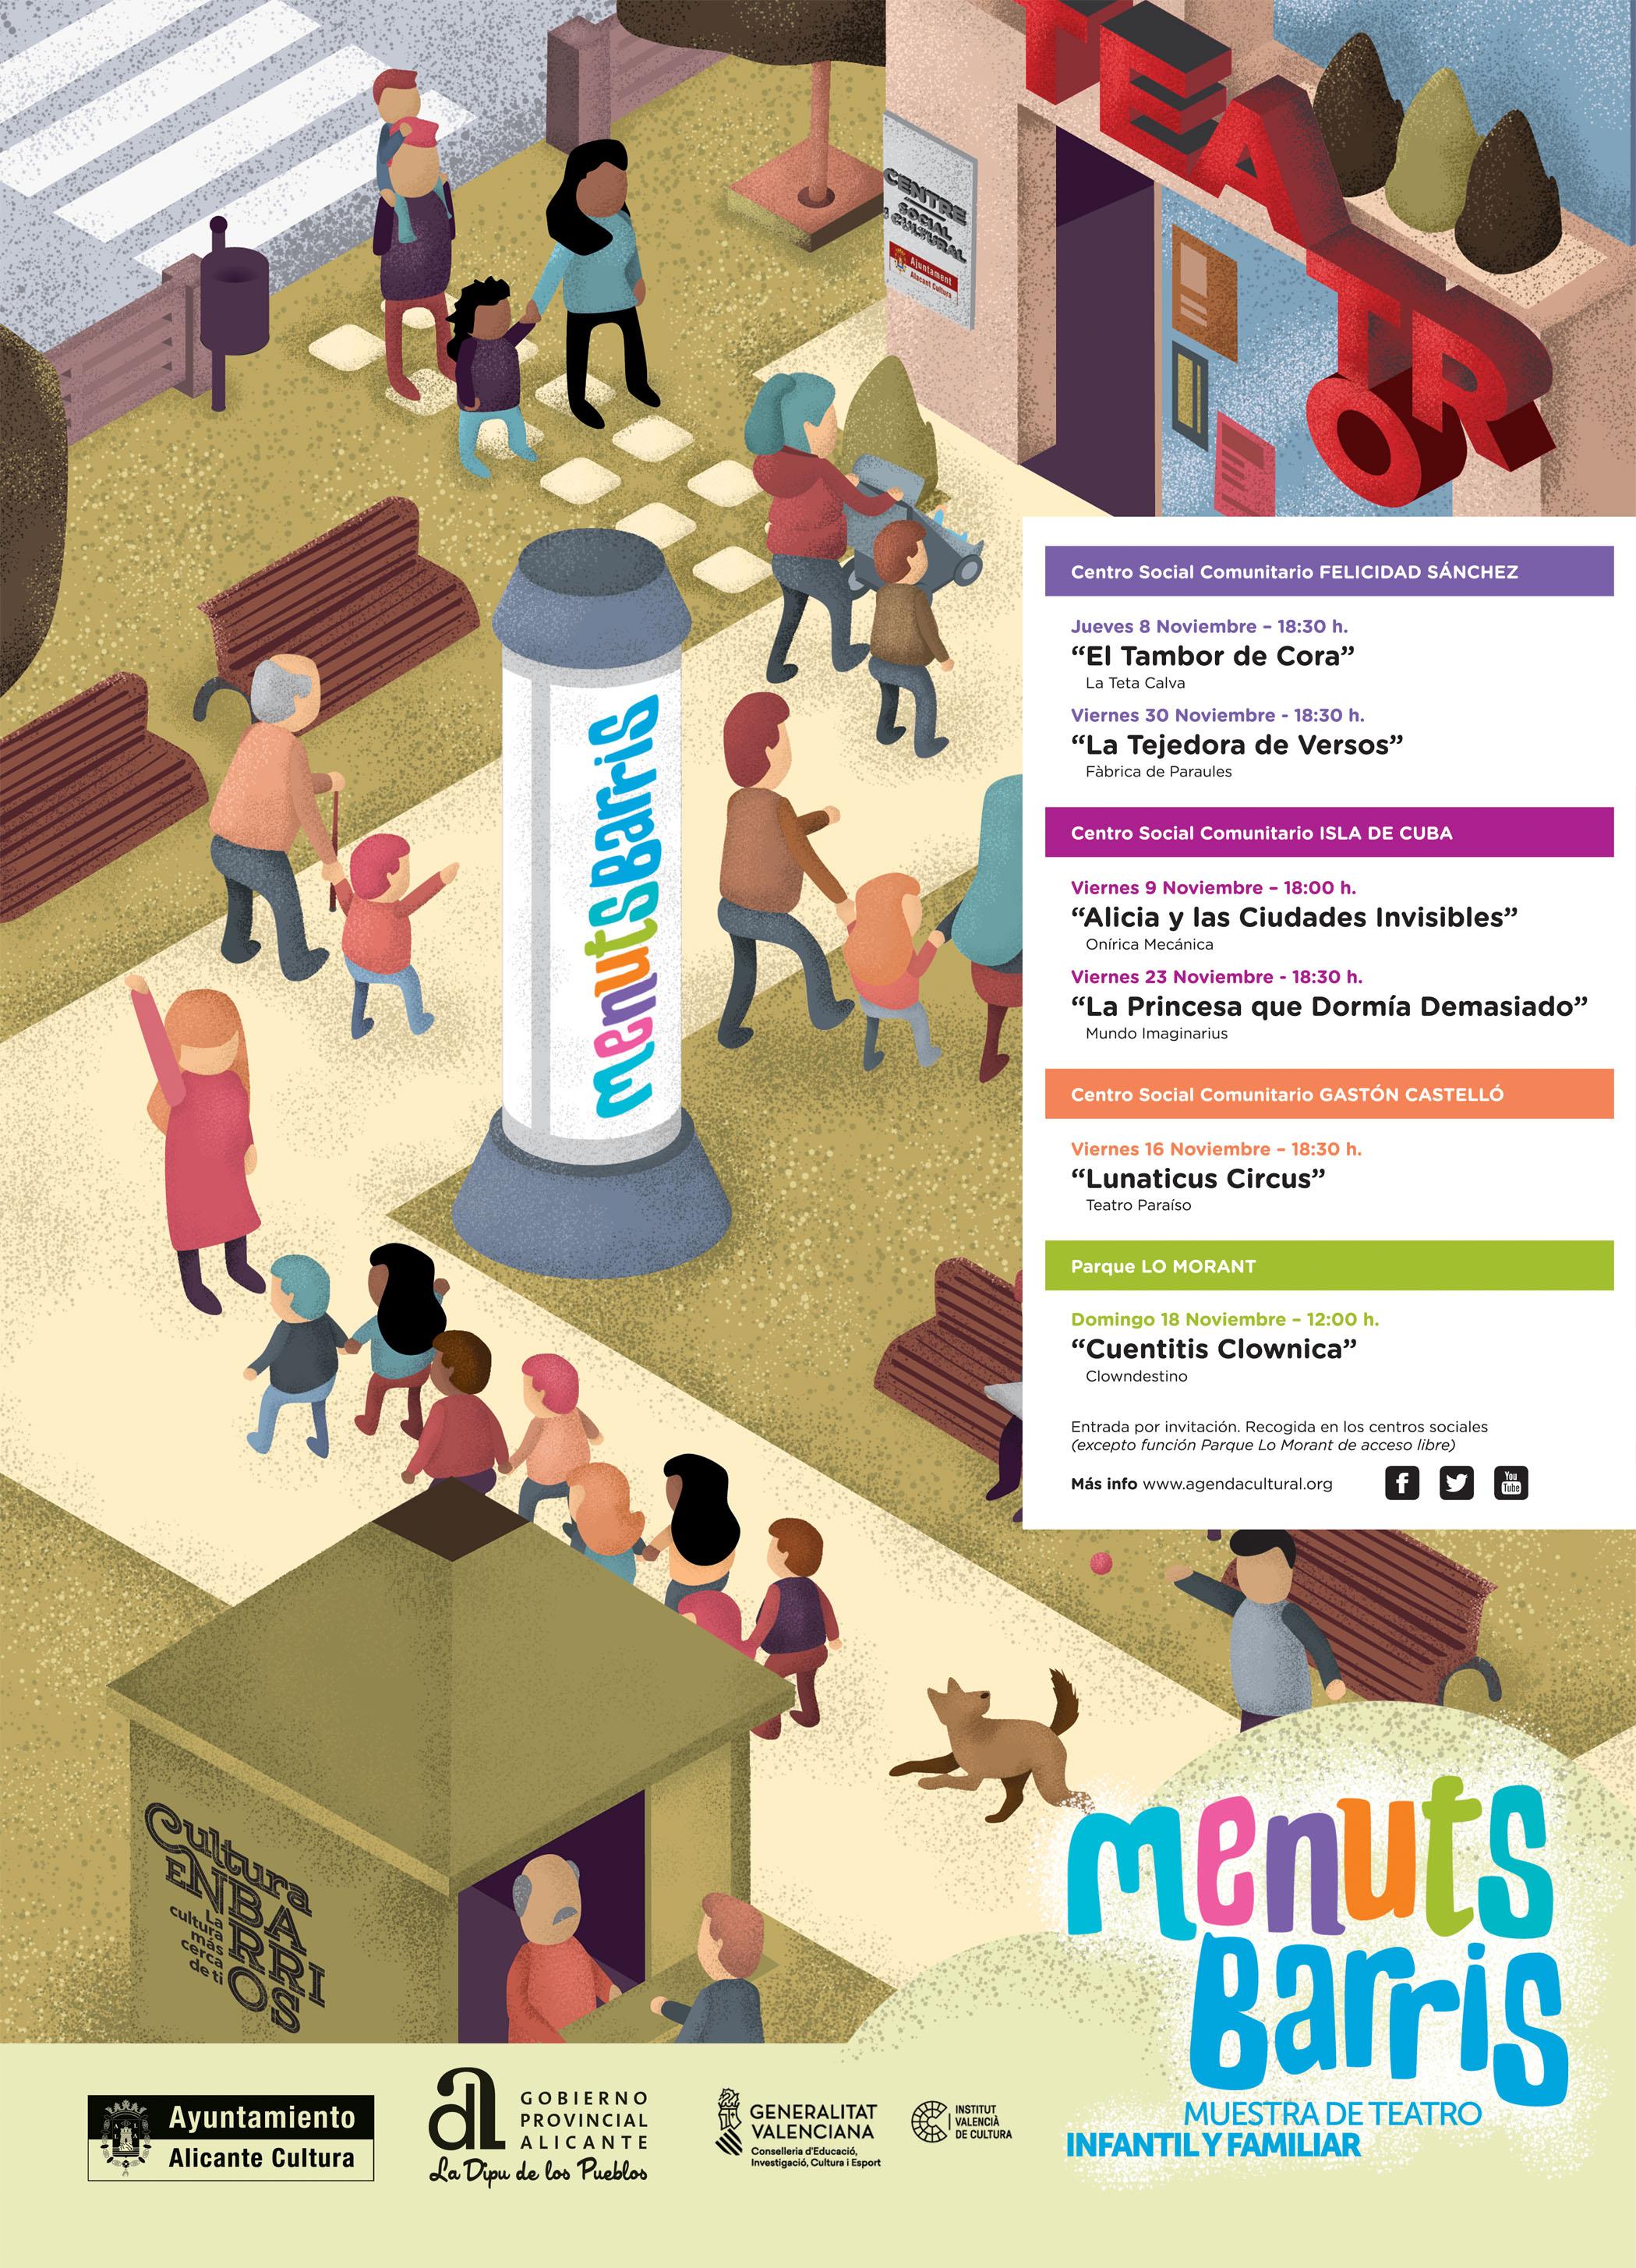 diseño grafico cartel menuts barris concejalia de cultura ayuntamiento de alicante diseñador grafico freelance alicante